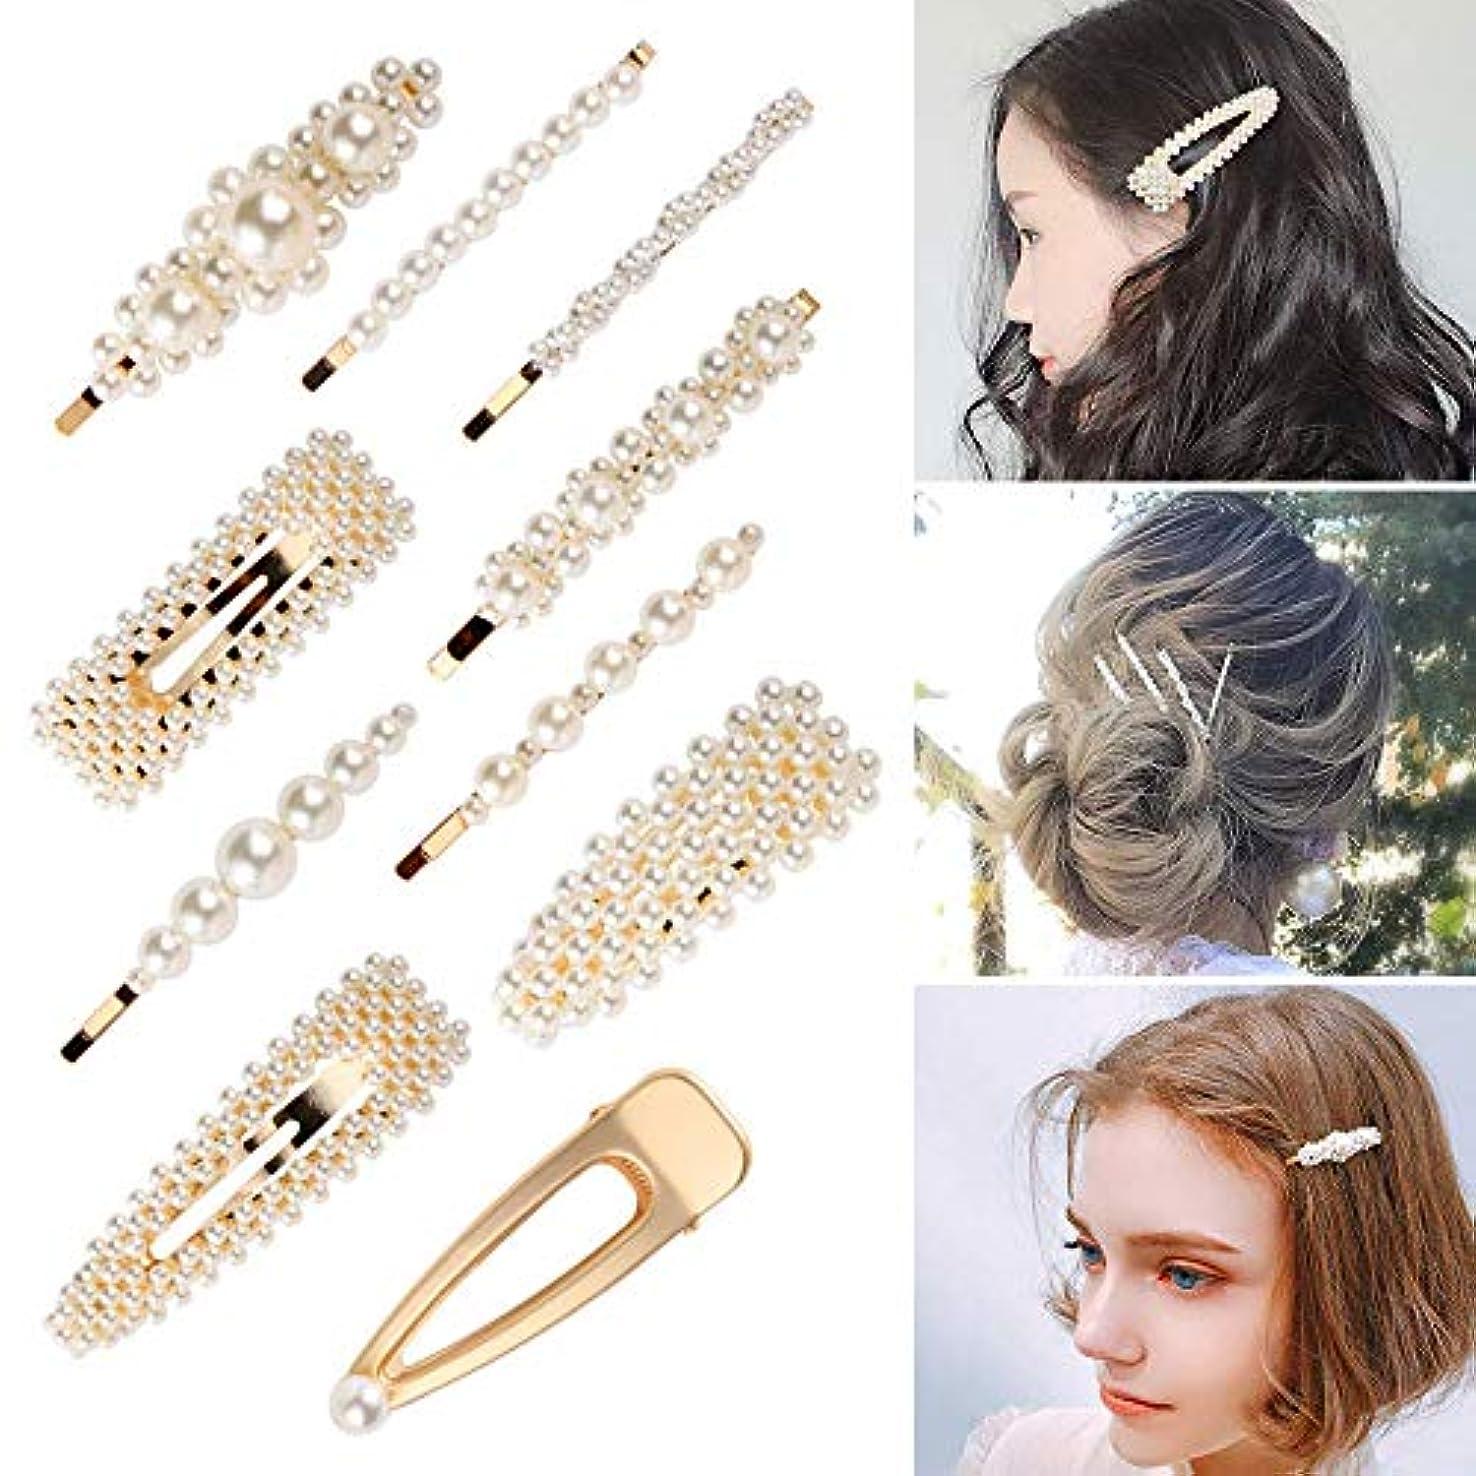 パール ヘアクリップ ヘアピン ヘアアクセサリー 髪留め 髪飾り 結婚式 卒業式 入学式 パーティ レディース ゴールド 10本セット